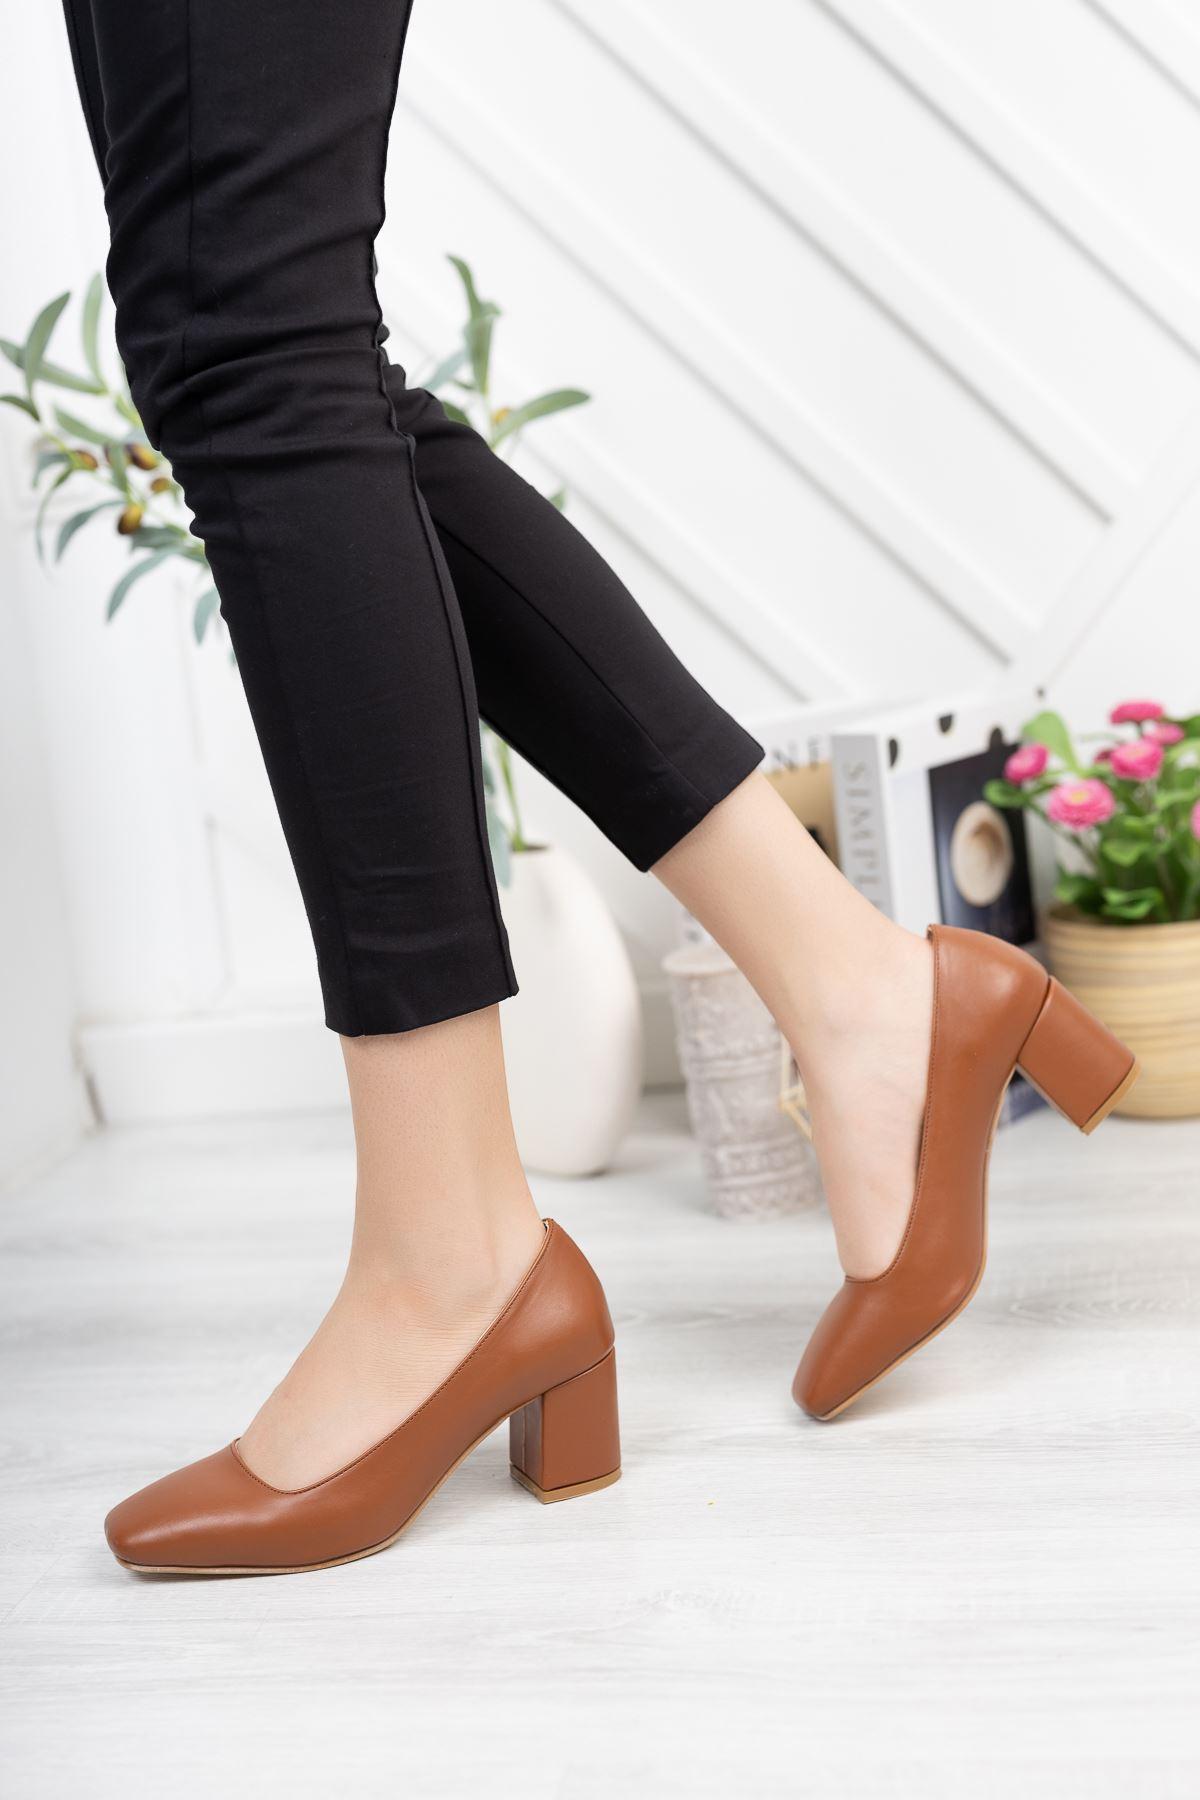 Taba Cilt Kare Kalıp 6 cm Topuklu Ayakkabı